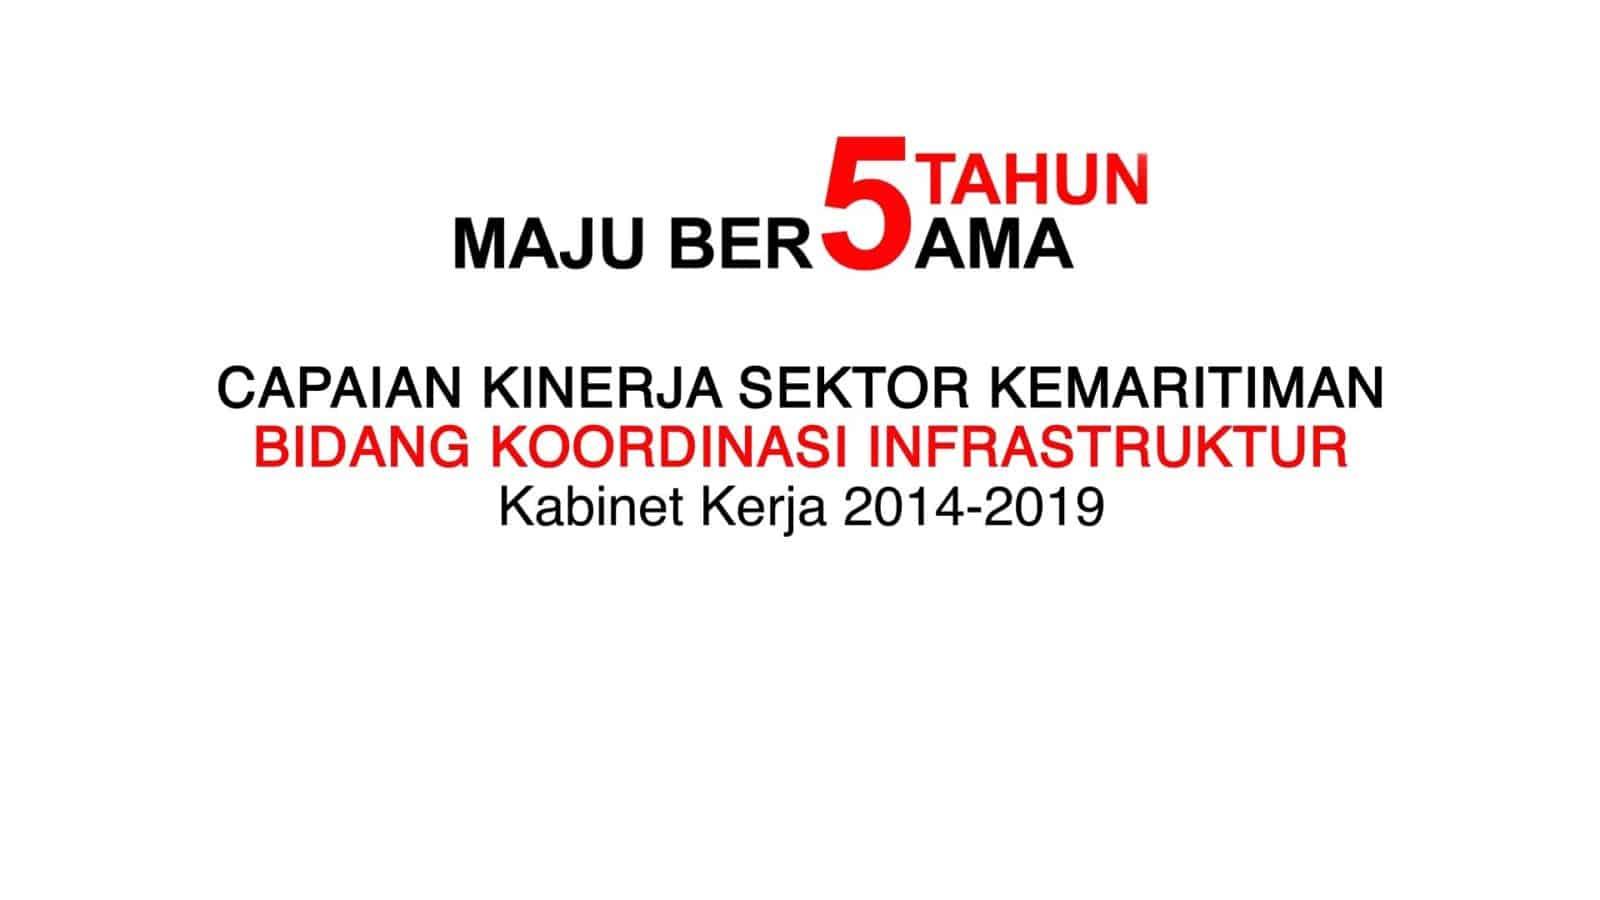 Capaian Kinerja Sektor Kemaritiman Bidang Koordinasi Infrastrktur – Kabinet Kerja 2014-2019